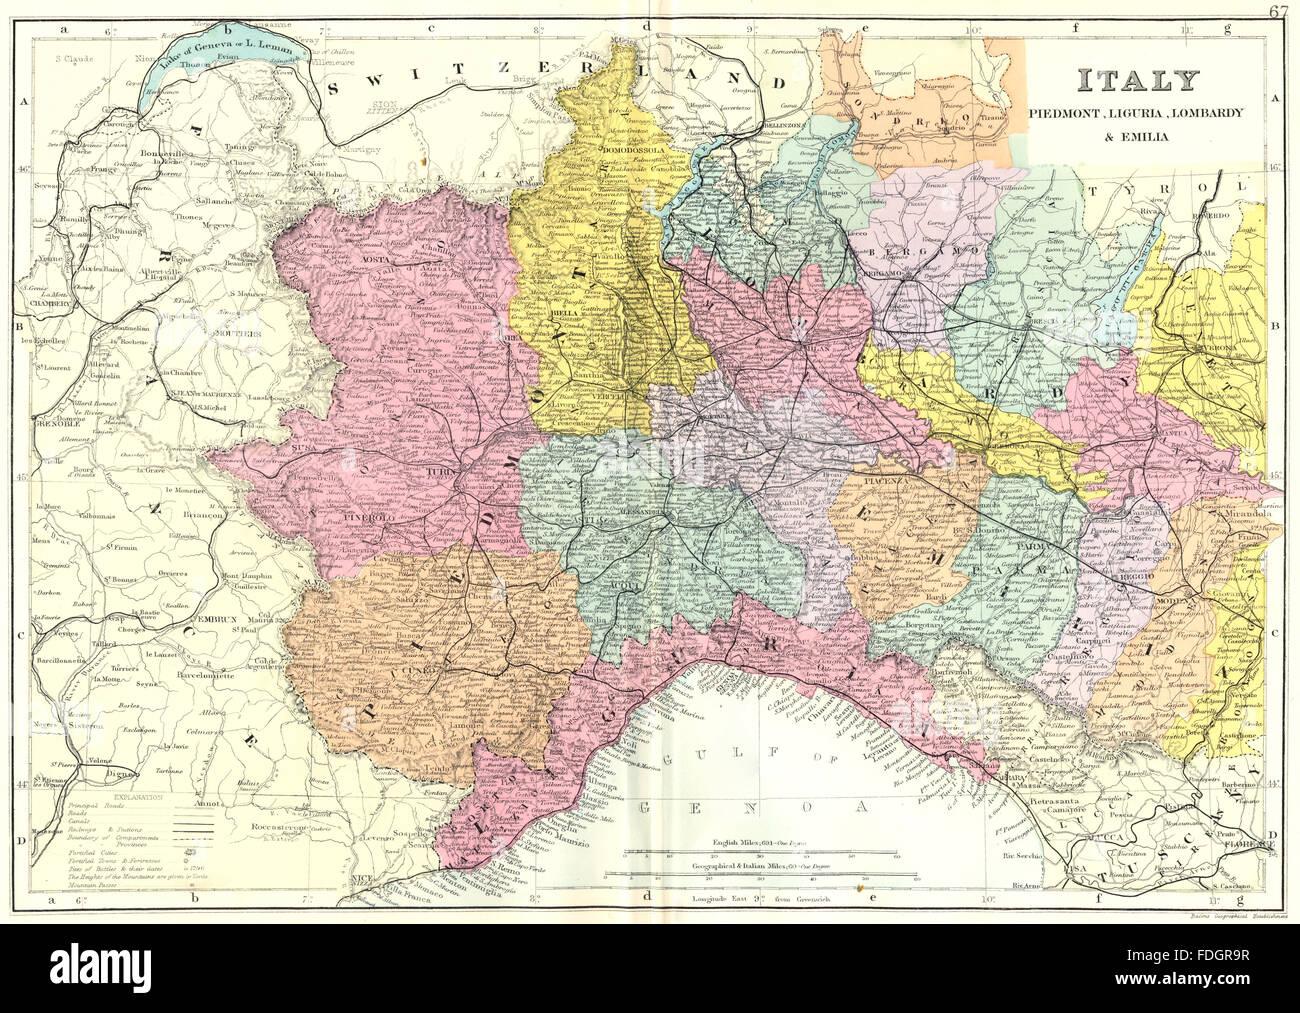 Piemonte E Lombardia Cartina.Italia Nord Ovest Piemonte Liguria Lombardia E L Emilia Bacon 1895 Mappa Antichi Foto Stock Alamy